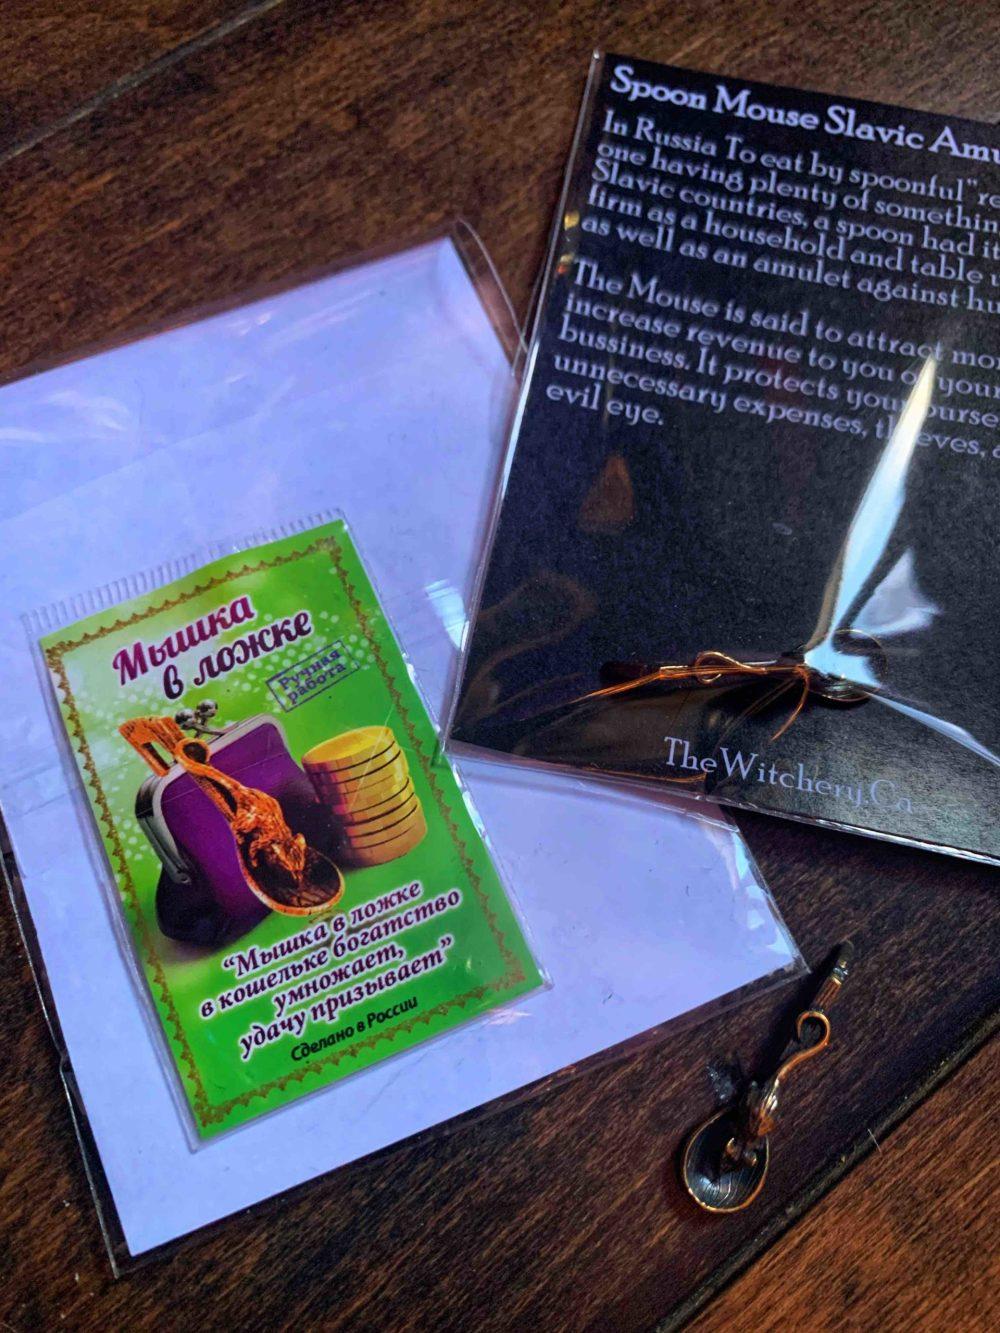 Spoon Mouse Slavic Amulet